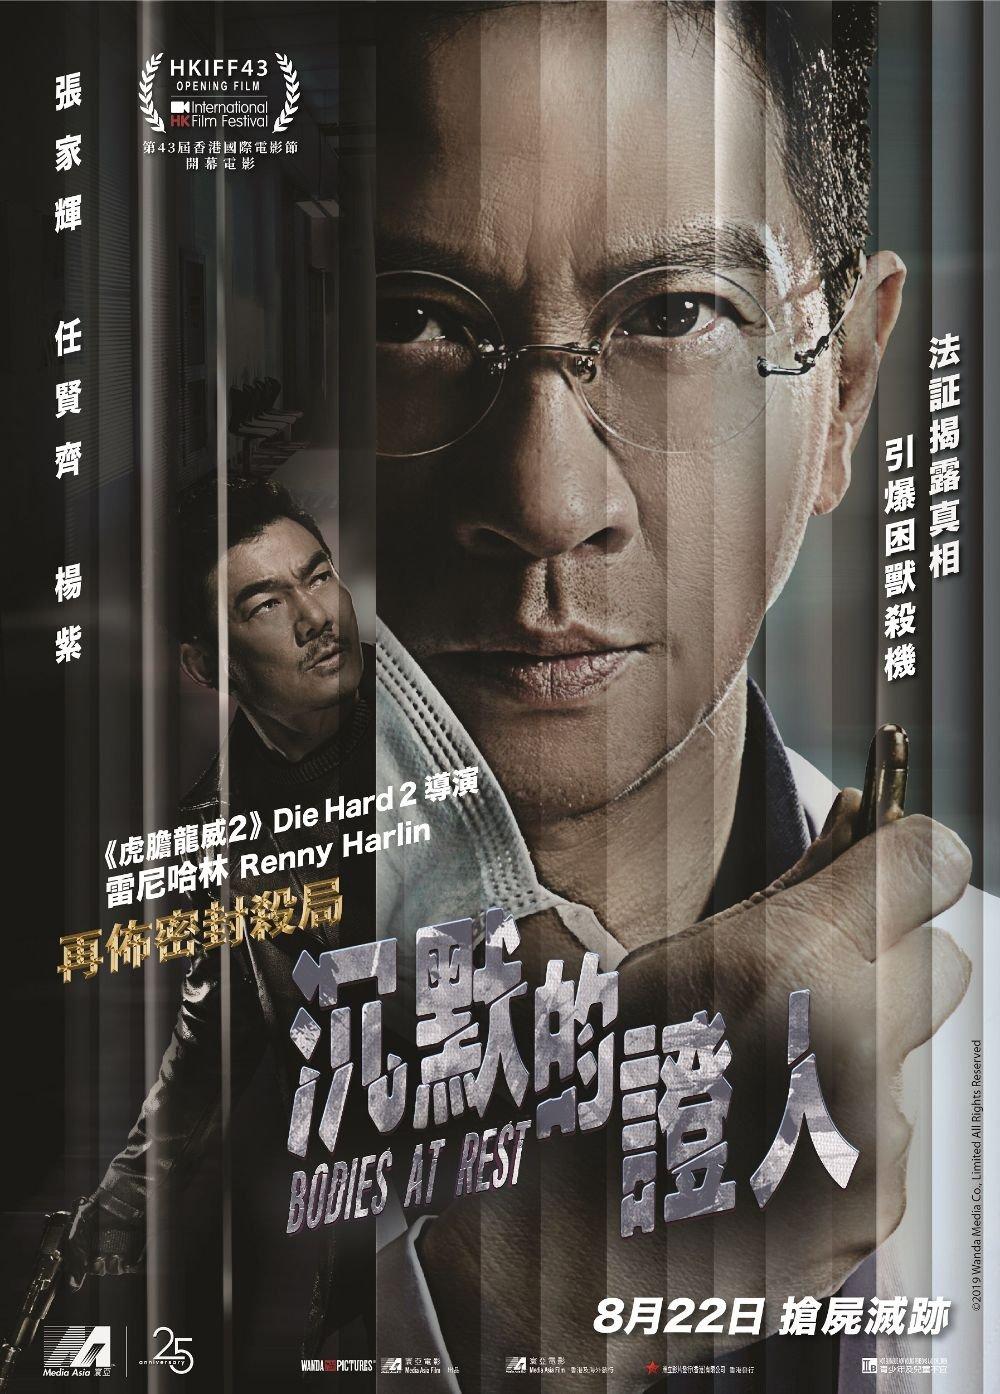 《沉默的證人》- 冷靜的罪犯如何在一夜情緒爆發、亂槍掃射 3